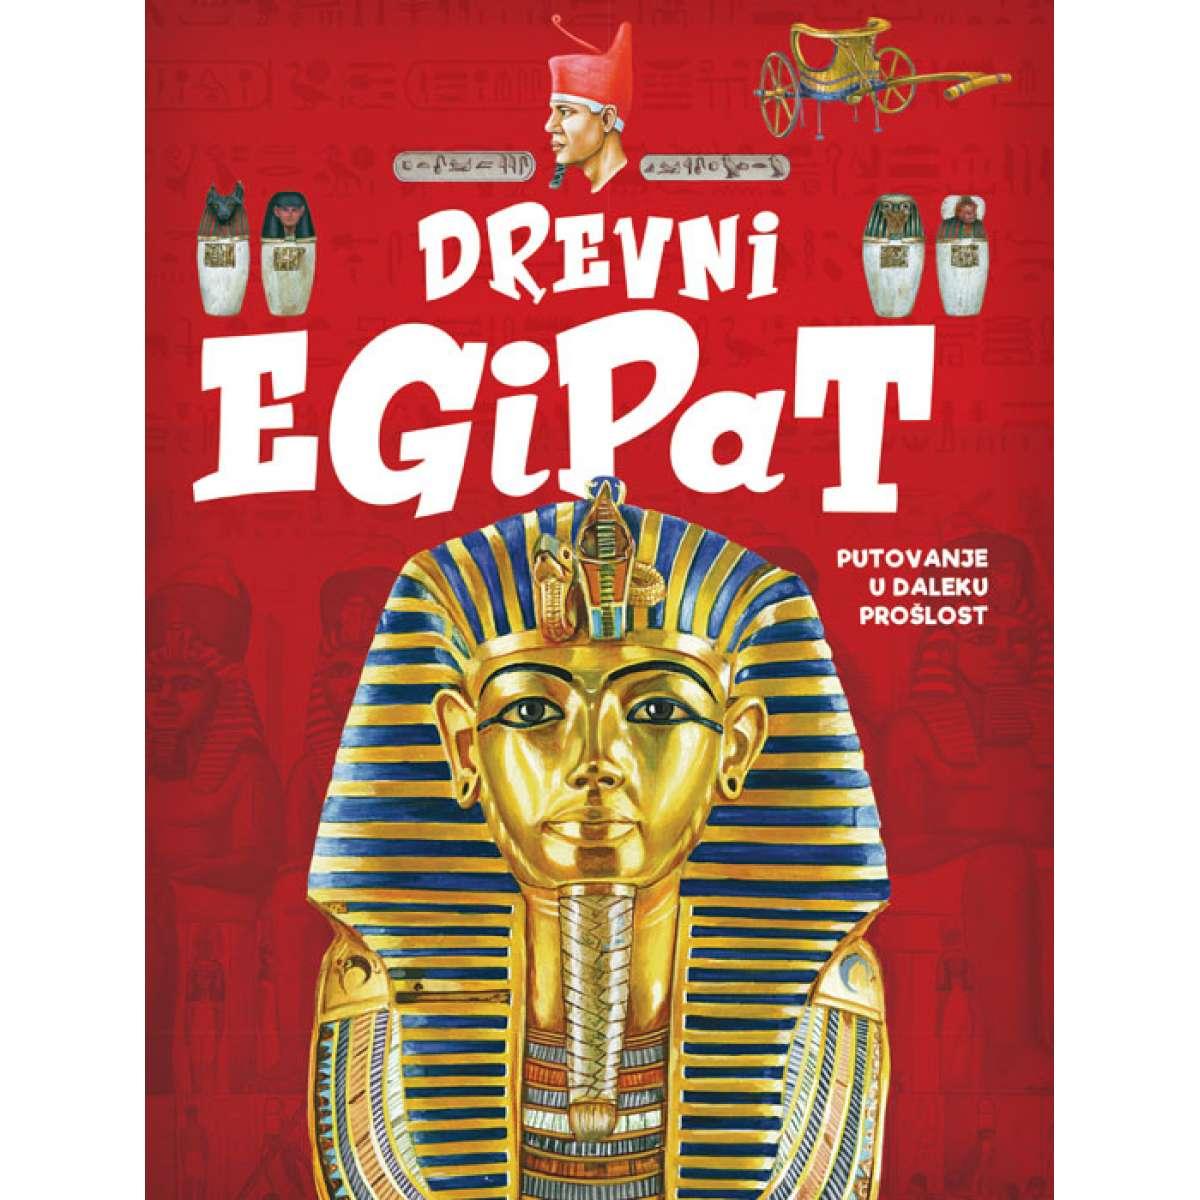 Drevni Egipat – putovanje u daleku prošlost